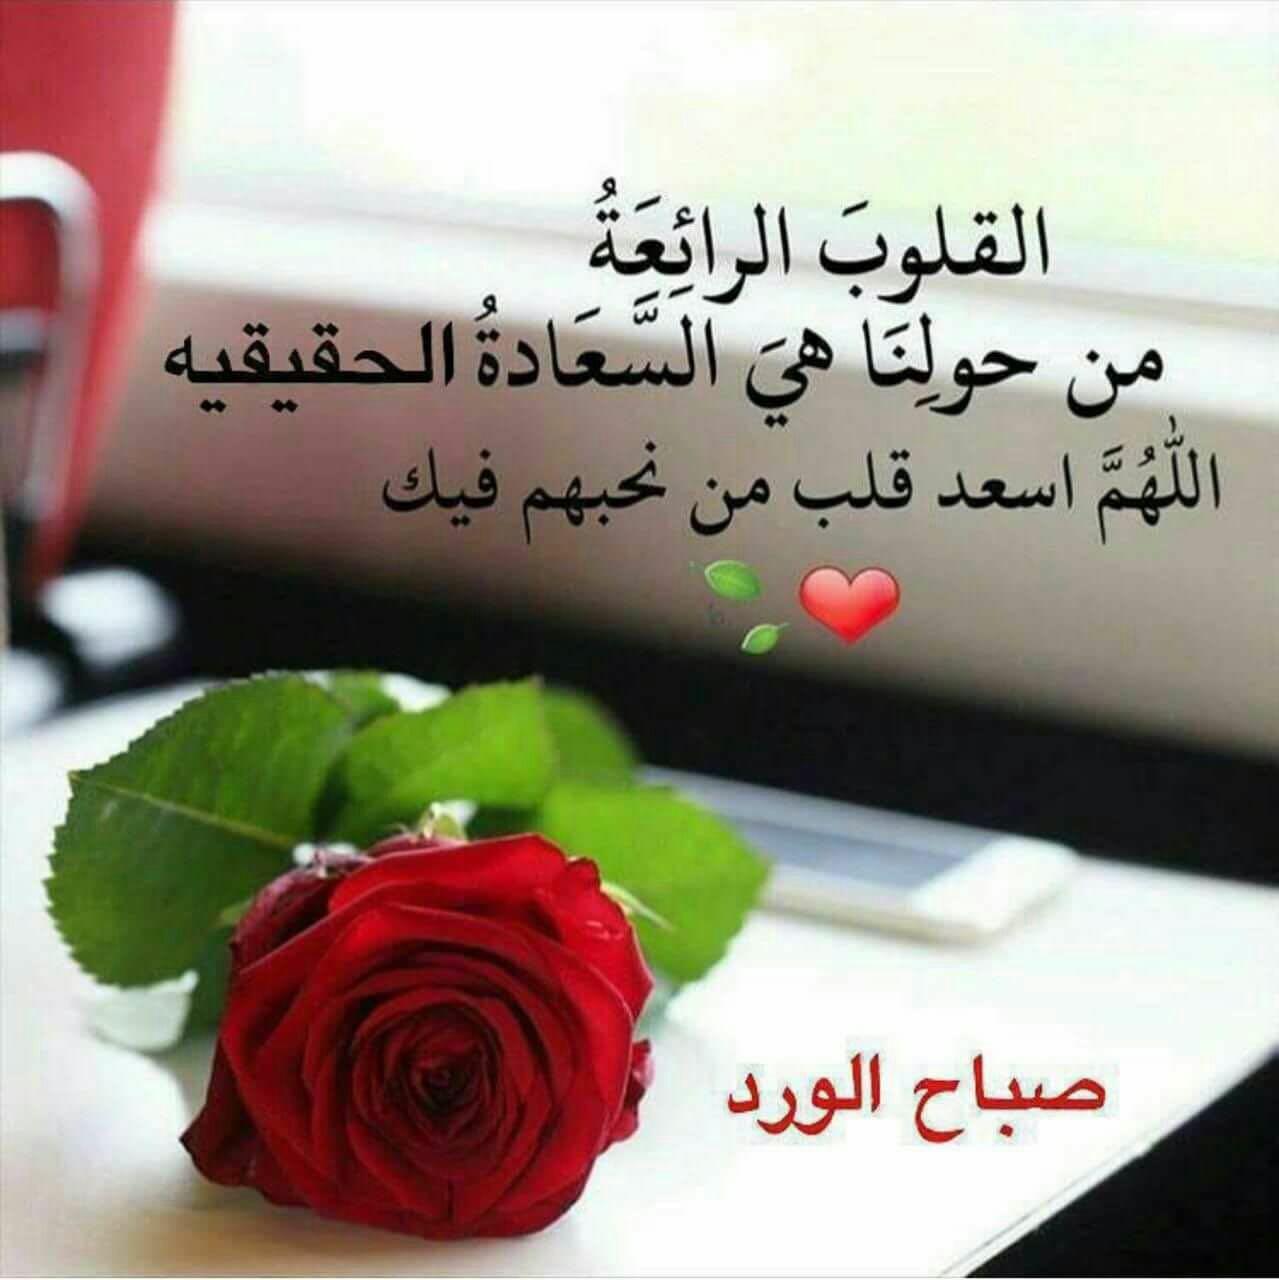 صورة صباح الخير رومانسية , اجمل كلمات حب تقال بنهار